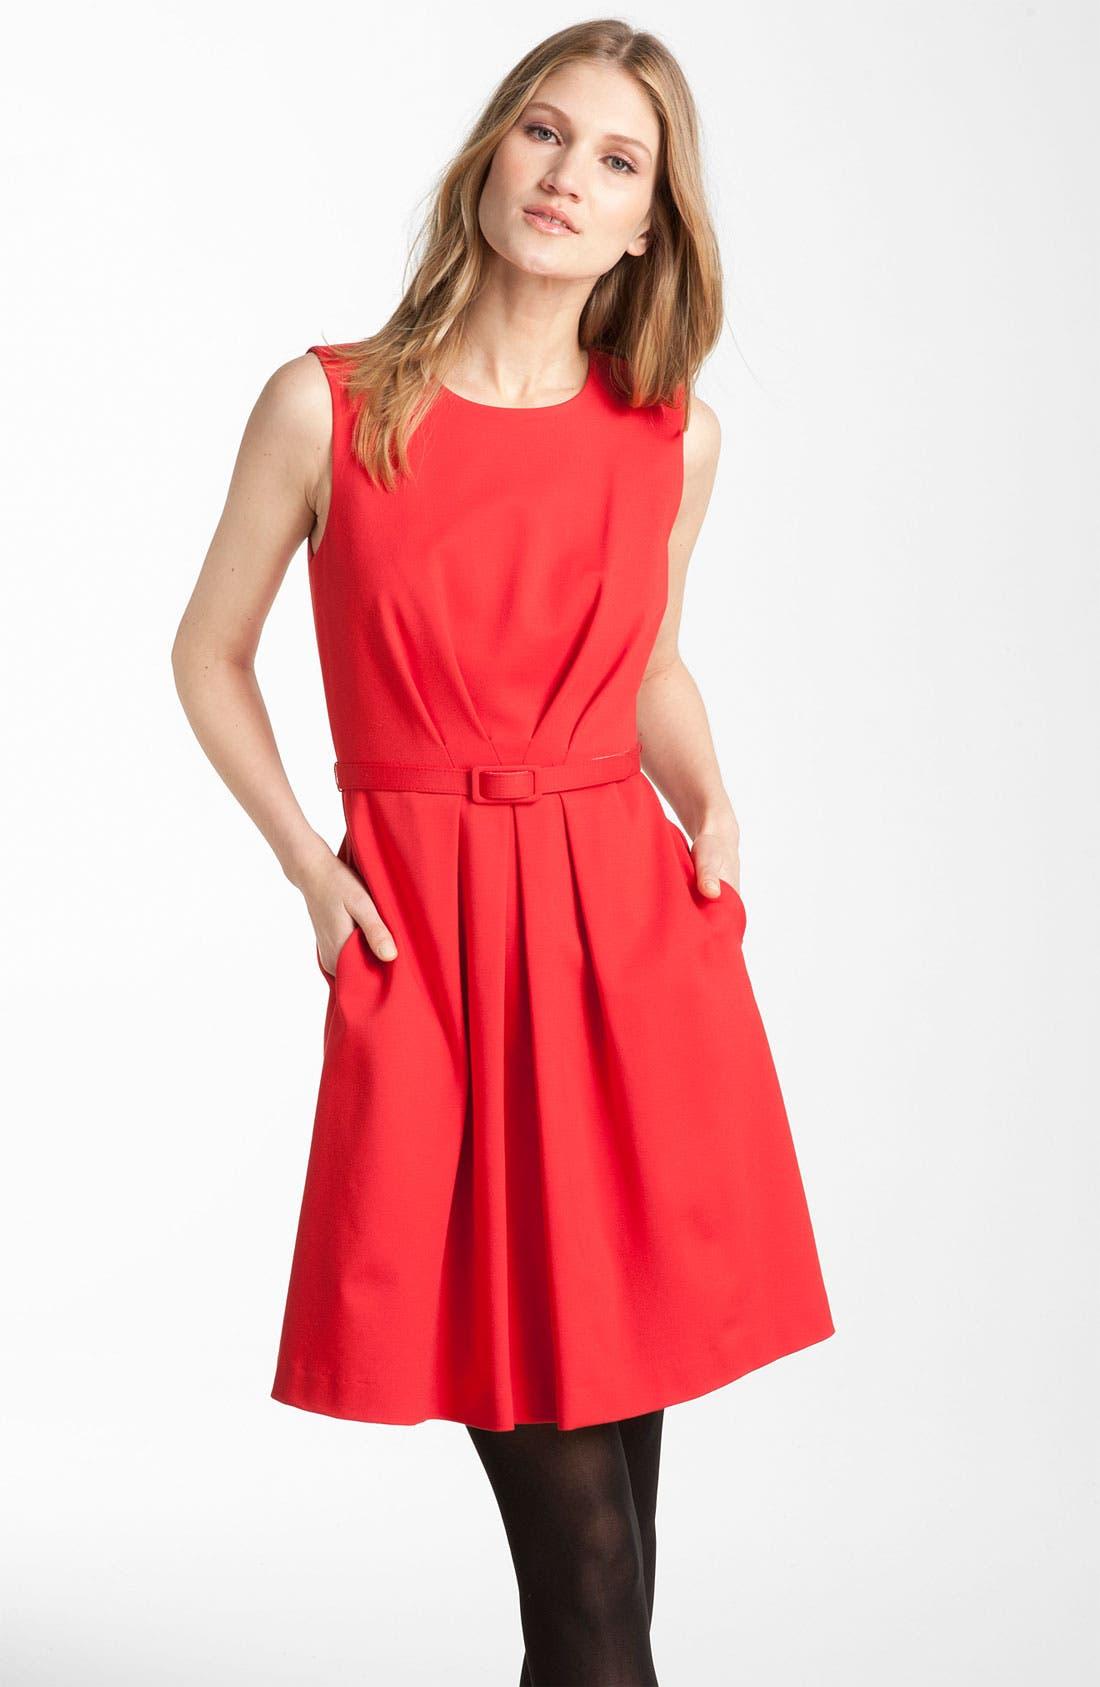 Main Image - Trina Turk 'Princess' Ponte Knit Dress